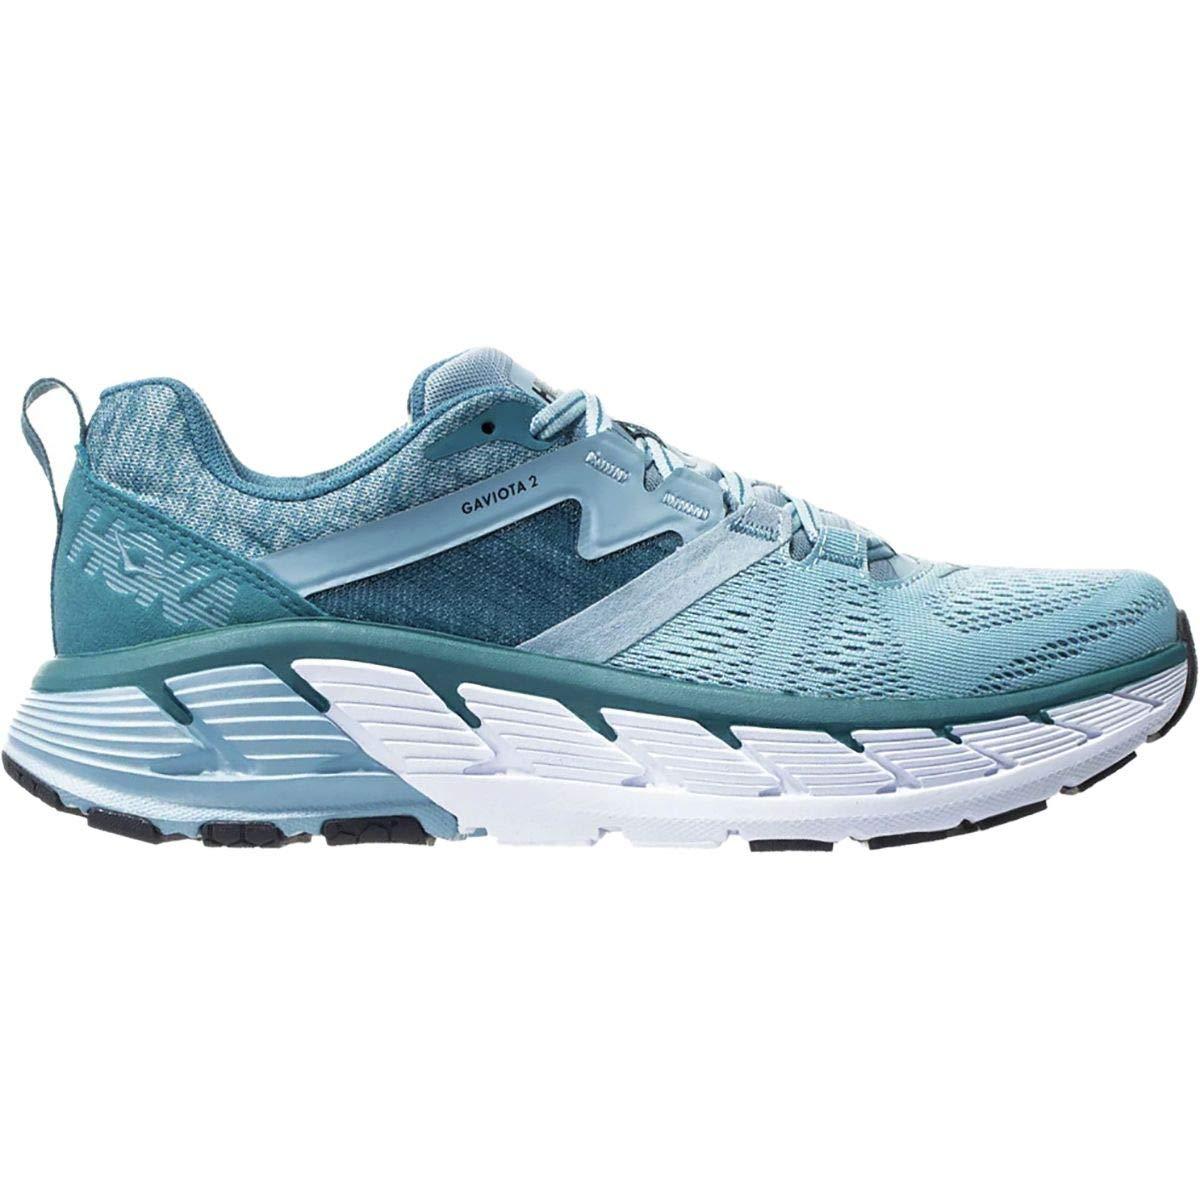 人気商品は [ホッカオネオネ] レディース ランニング Gaviota [ホッカオネオネ] 7.5 2 Running Gaviota Shoe [並行輸入品] B07MTB86P5 7.5, アクアプリモ:3438b57c --- timesheet.woxpedia.com